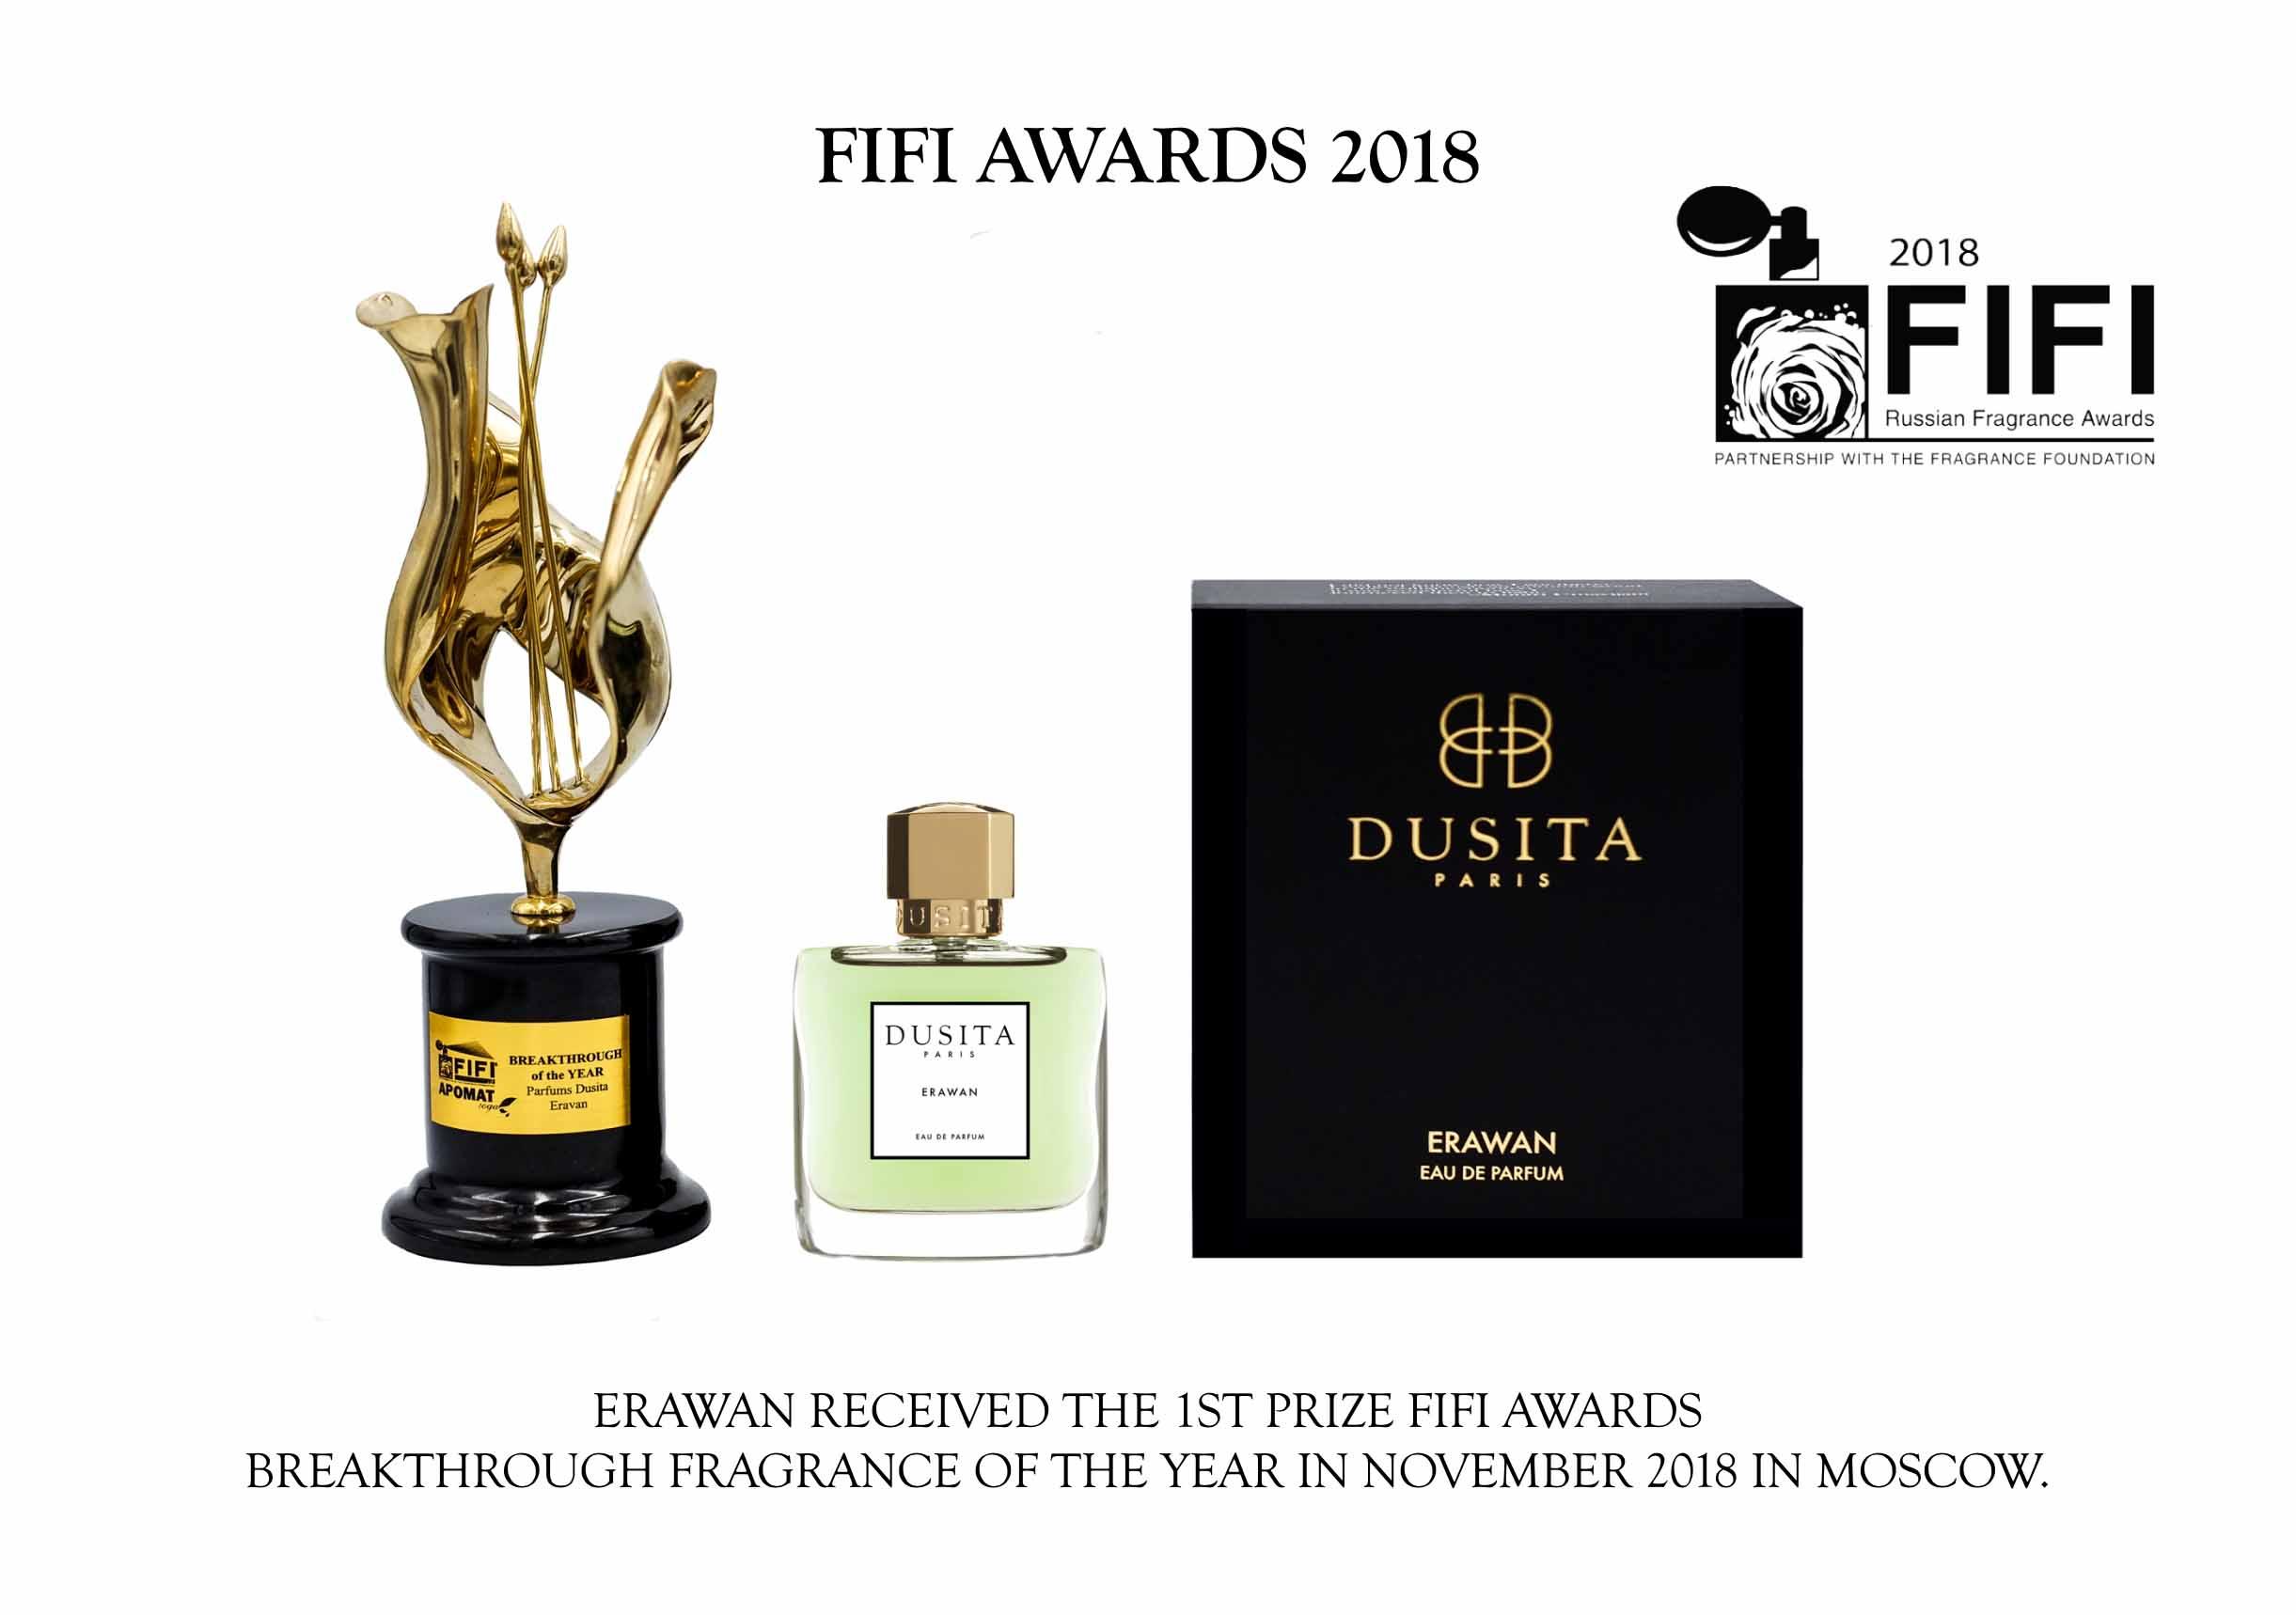 FiFi Award 2018 Parfums Dusita LD